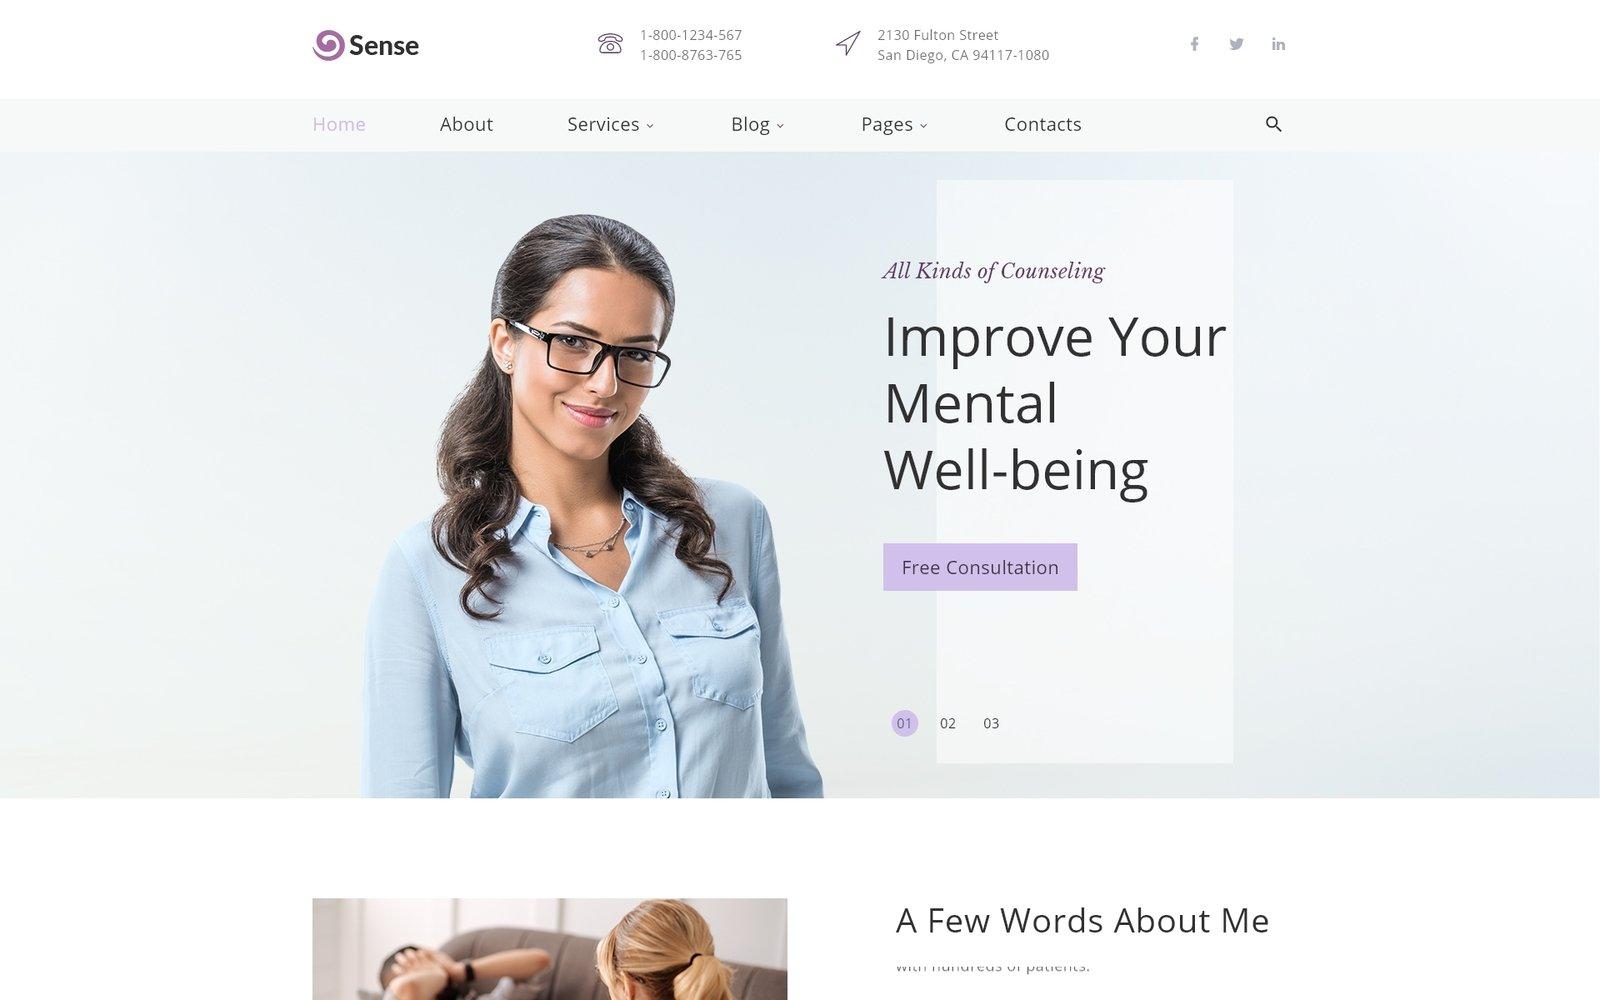 Responsywny szablon strony www Sense - Psychologist Multipage Clean HTML #39554 - zrzut ekranu